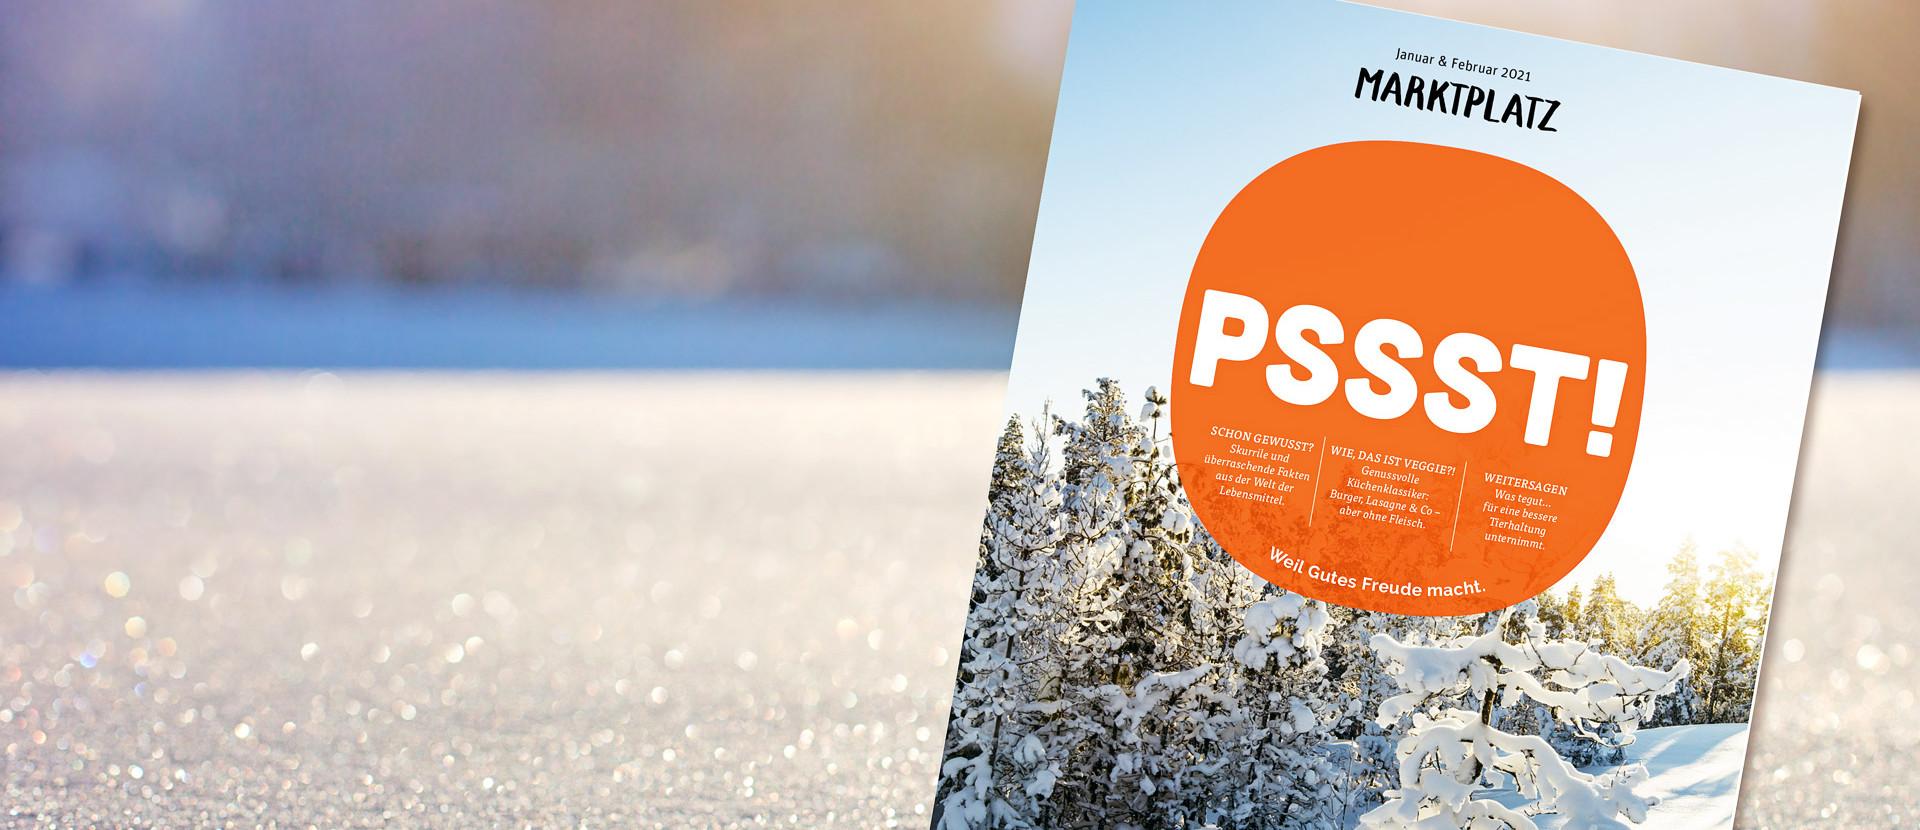 tegut Kundenmagazin Titelseite Januar/Februar im Schnee